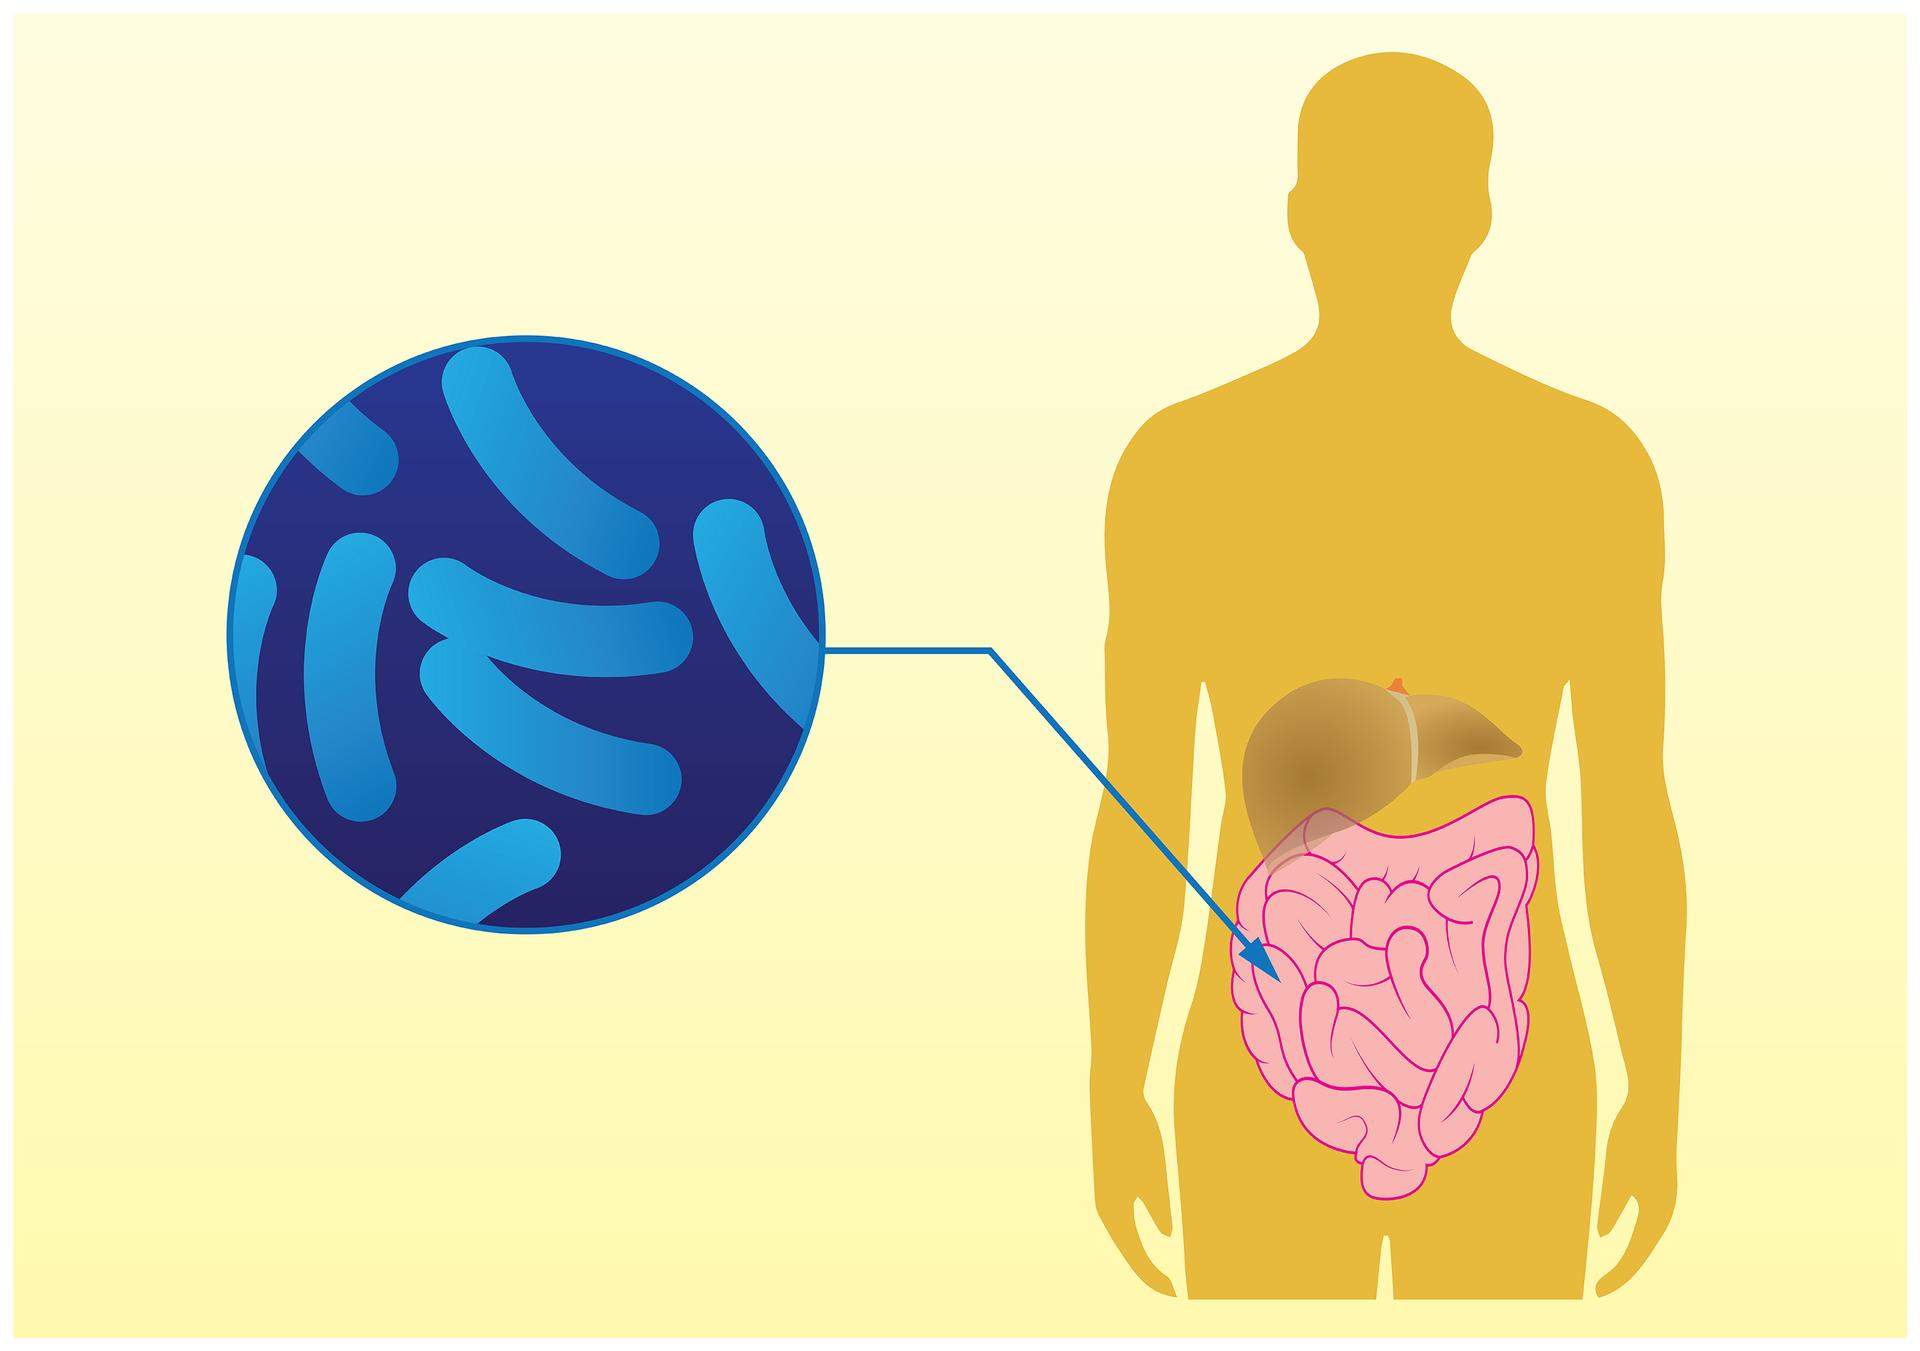 Ilustracja przedstawia żółtą sylwetkę człowieka zwrysowanymi jelitami. Obok znajduje się szafirowe kółko zjaśniejszymi, pałeczkowatymi kształtami oznaczającymi bakterie. Strzałka prowadzi od bakterii do jelit. Oznacza to, że niektóre bakterie żyją wprzewodzie pokarmowym człowieka ipomagają wtrawieniu oraz wytwarzają witaminy BiK.